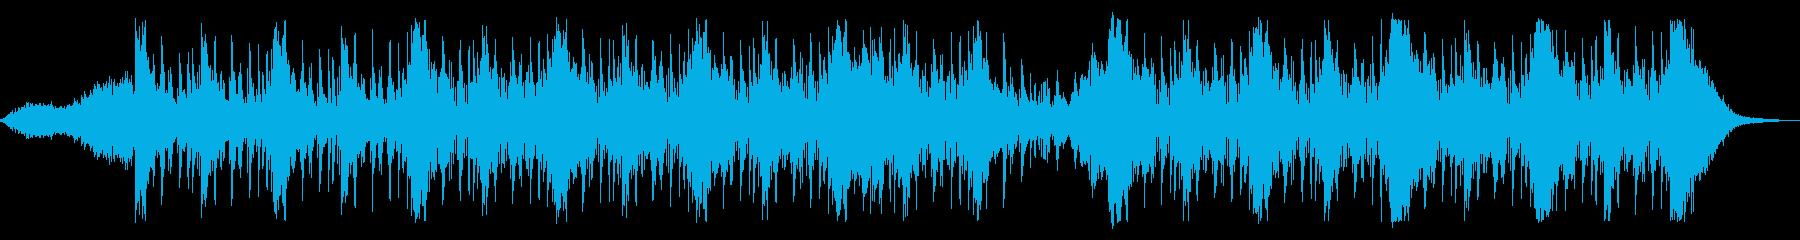 緊張感あるシネマティック2の再生済みの波形